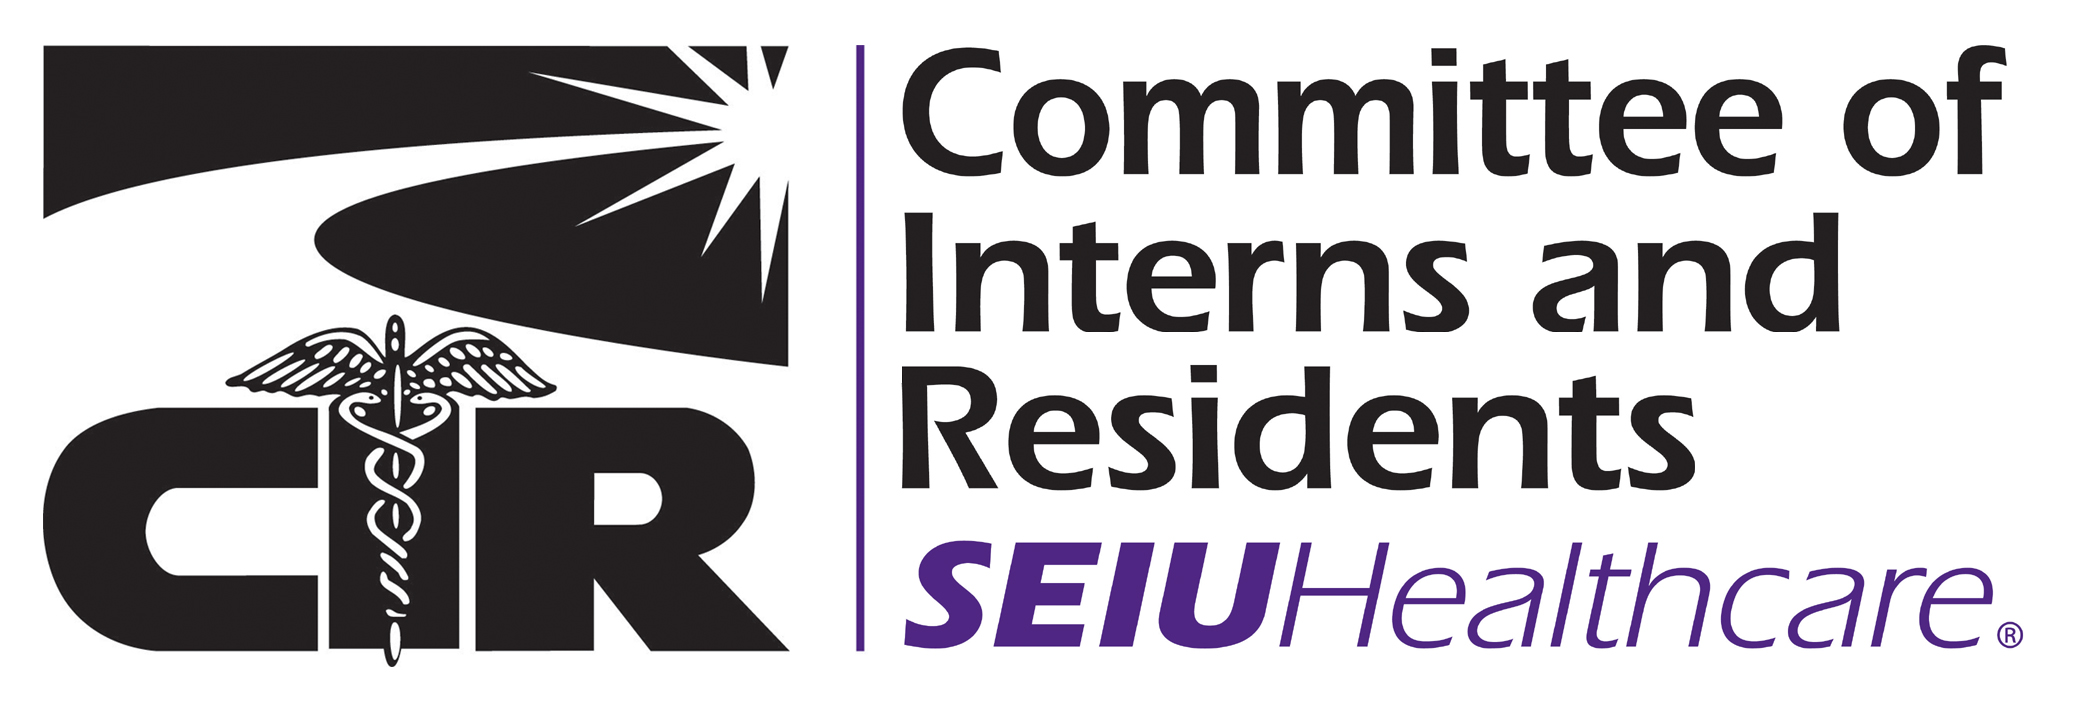 CIR Logo-high res.jpg